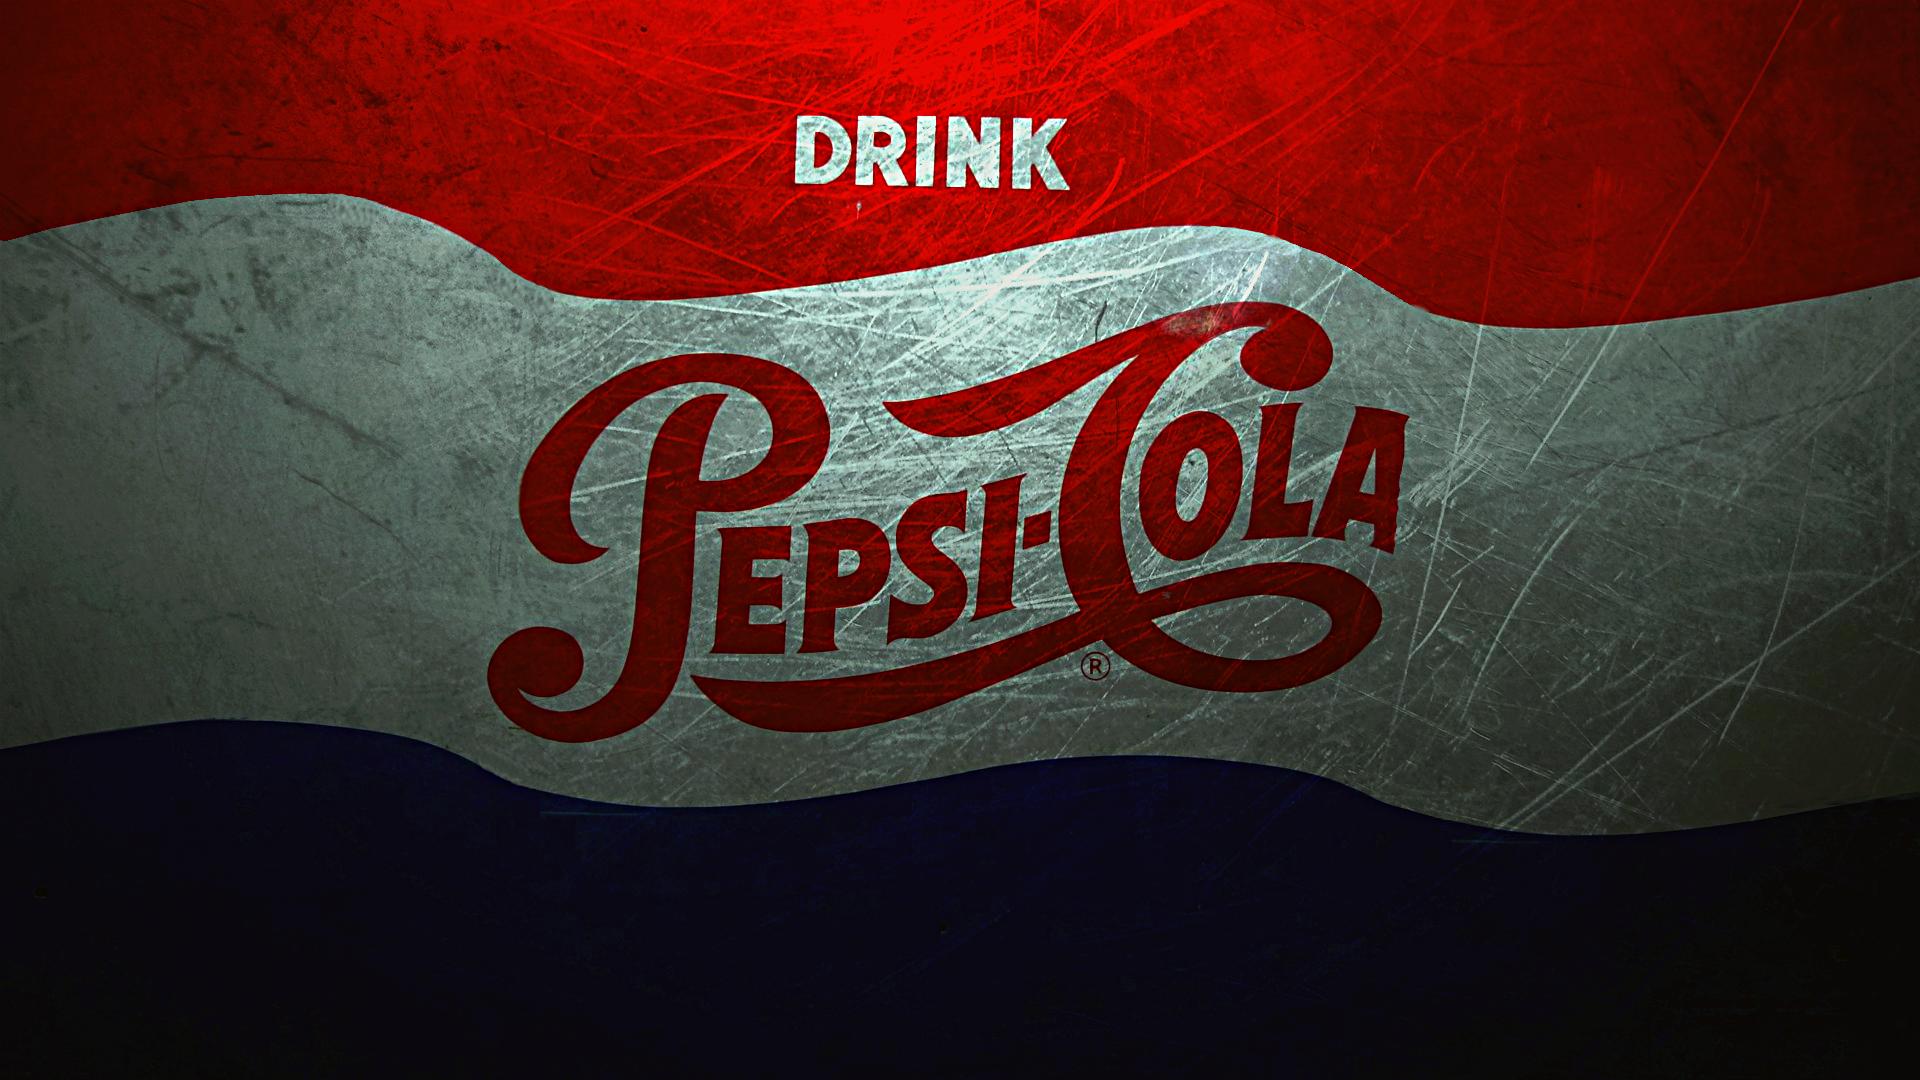 Pepsi cola Computer Wallpapers Desktop Backgrounds 1920x1080